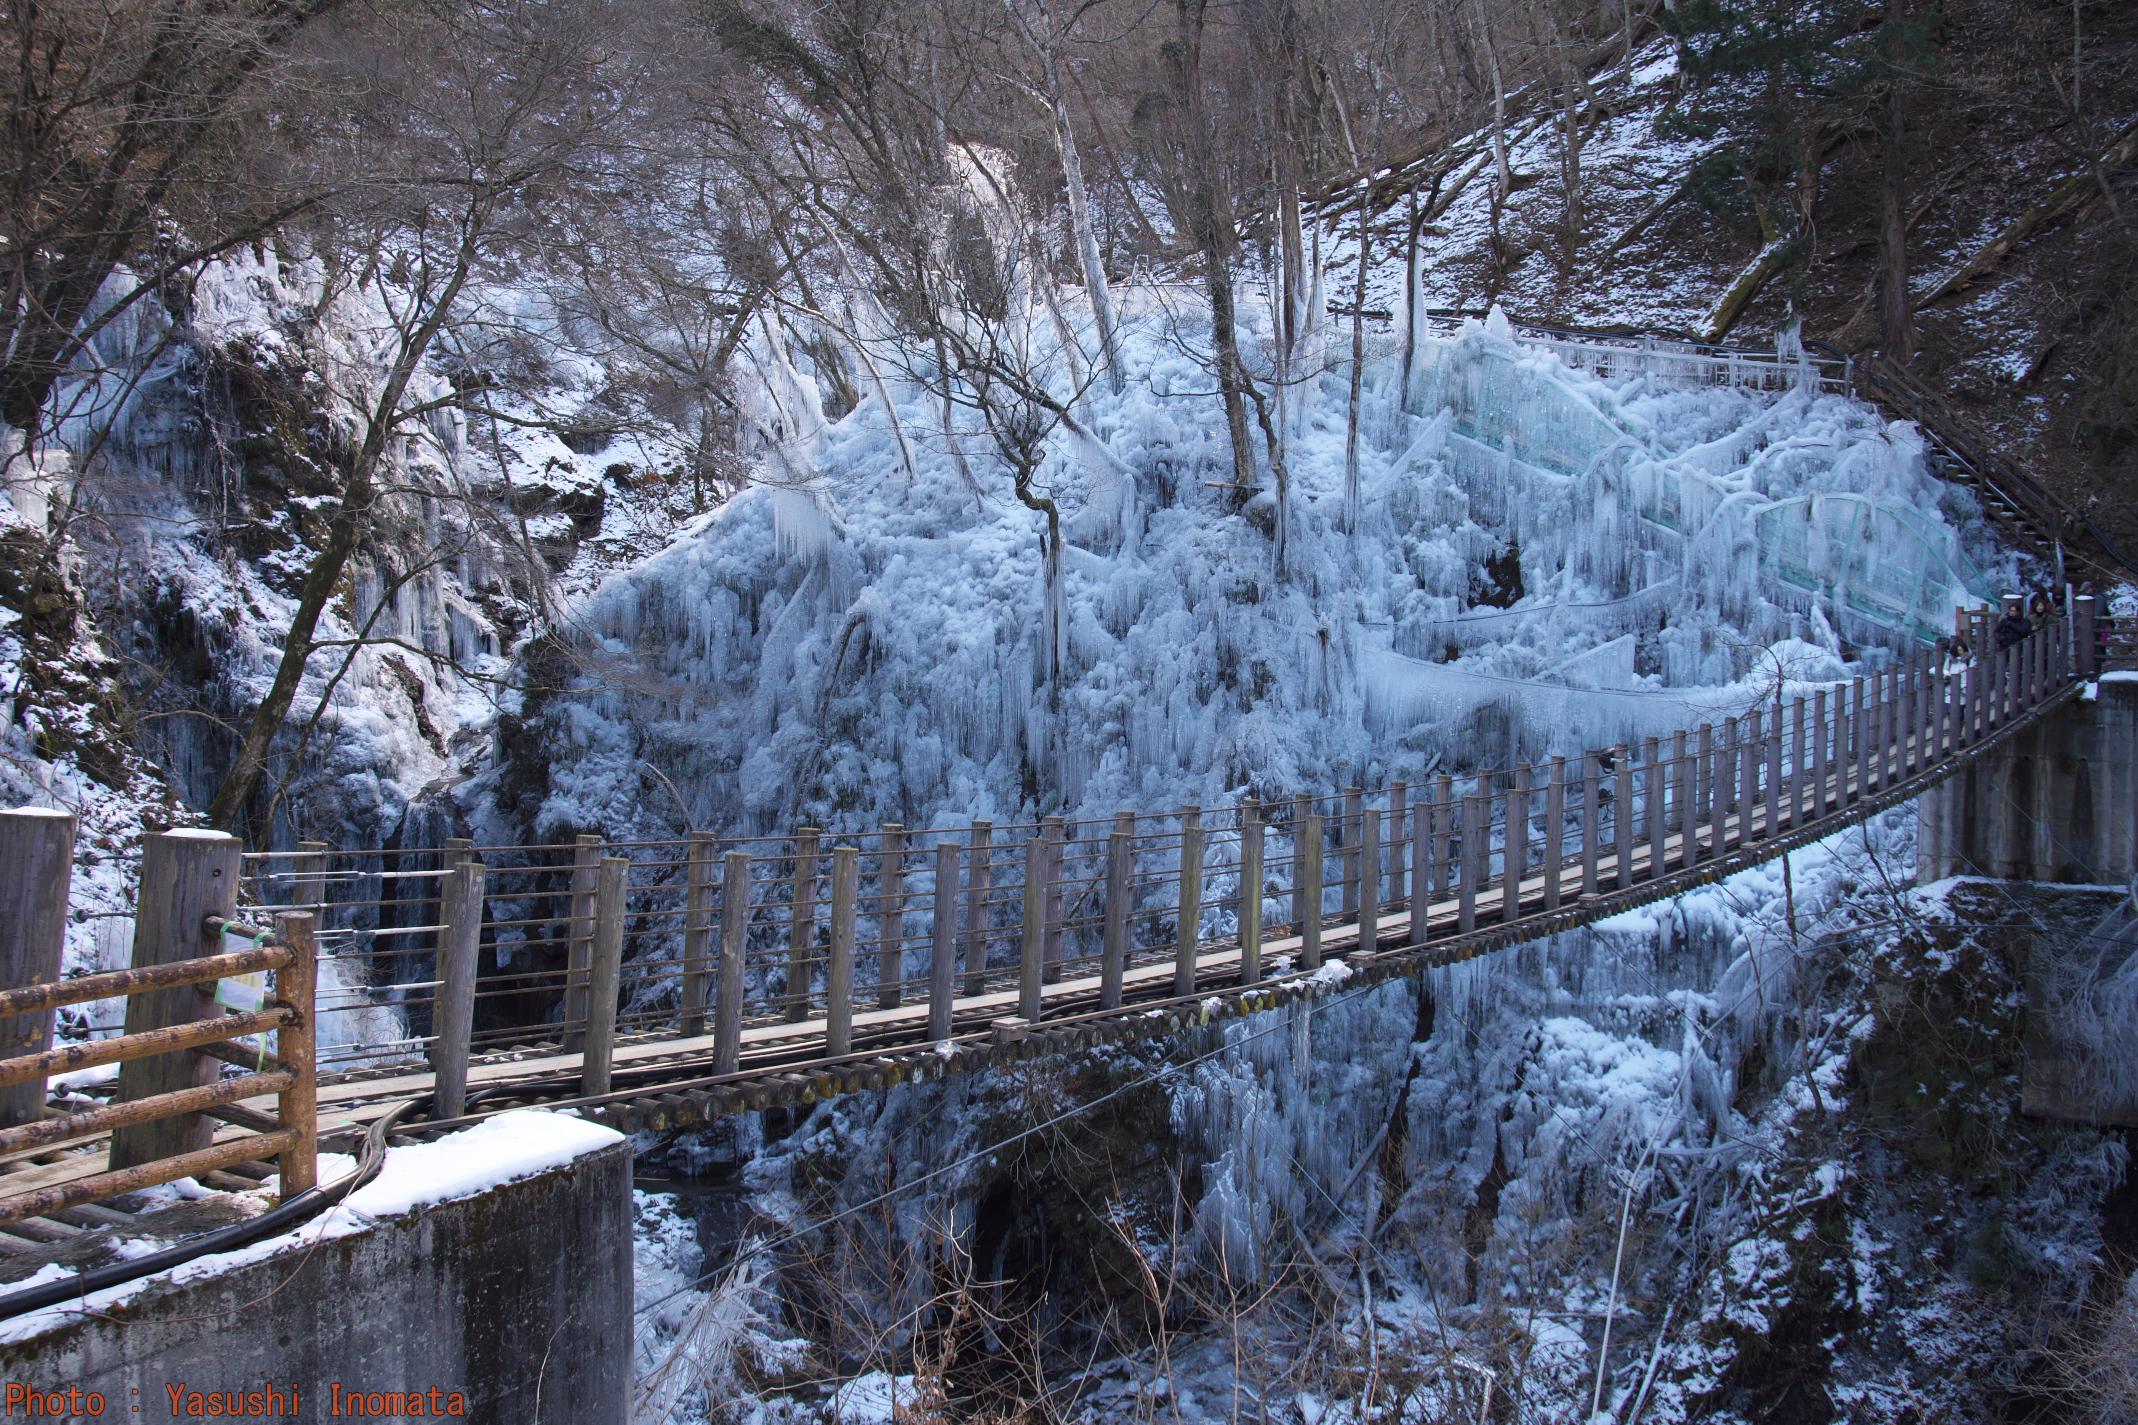 尾ノ内百景氷柱 秩父3大氷柱 つり橋